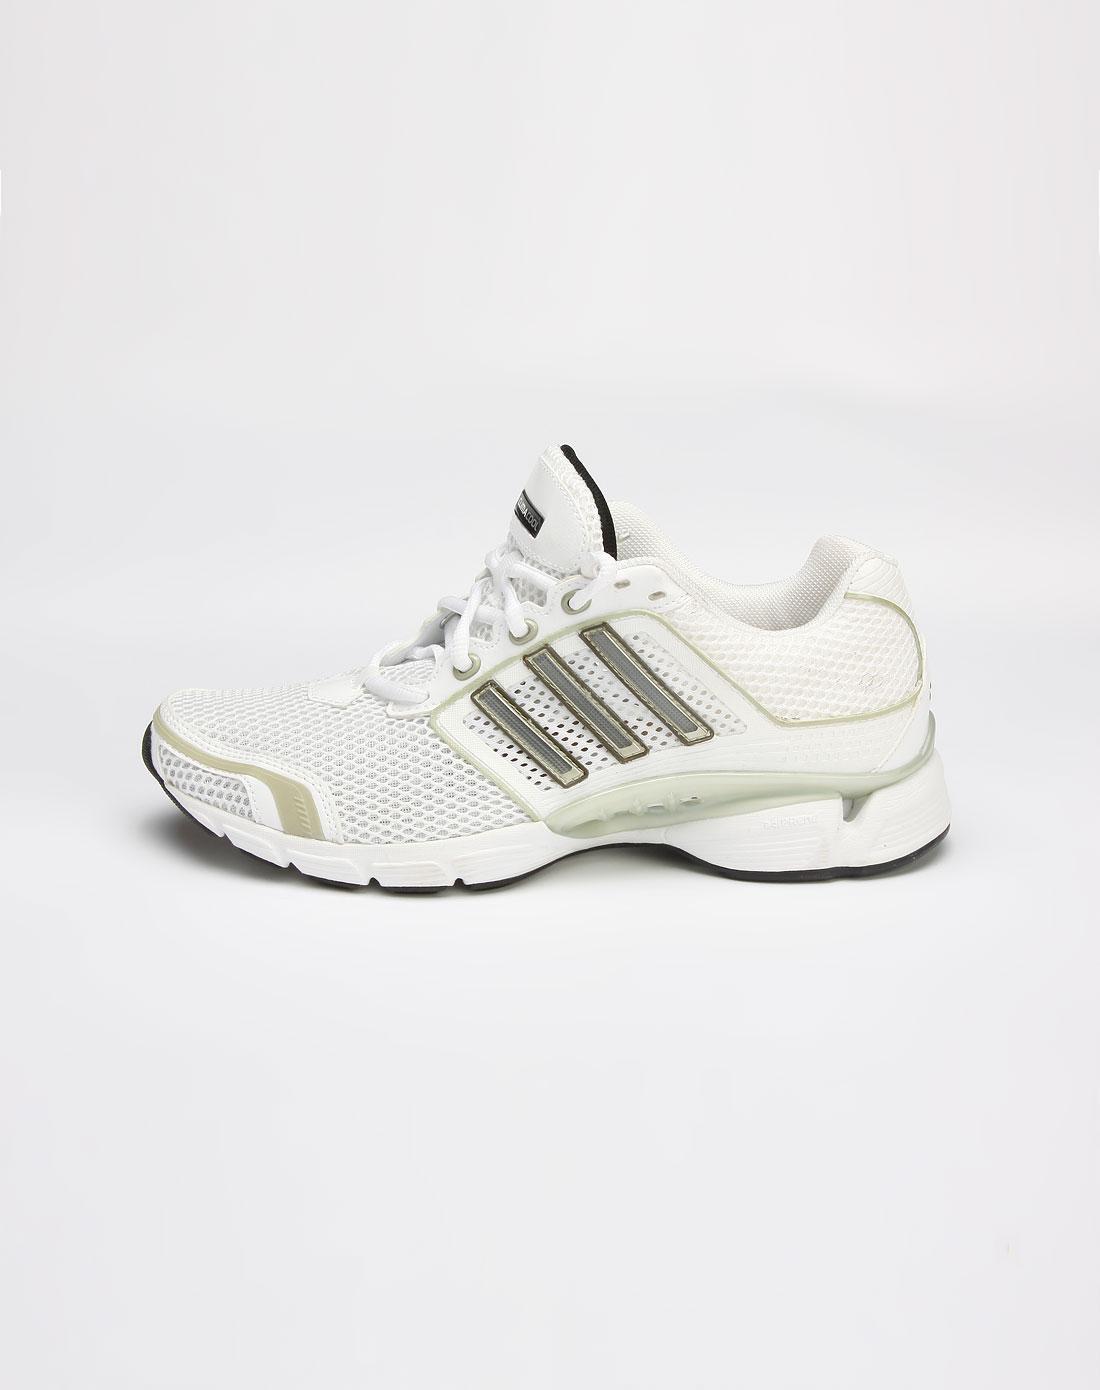 白/绿色网眼运动鞋